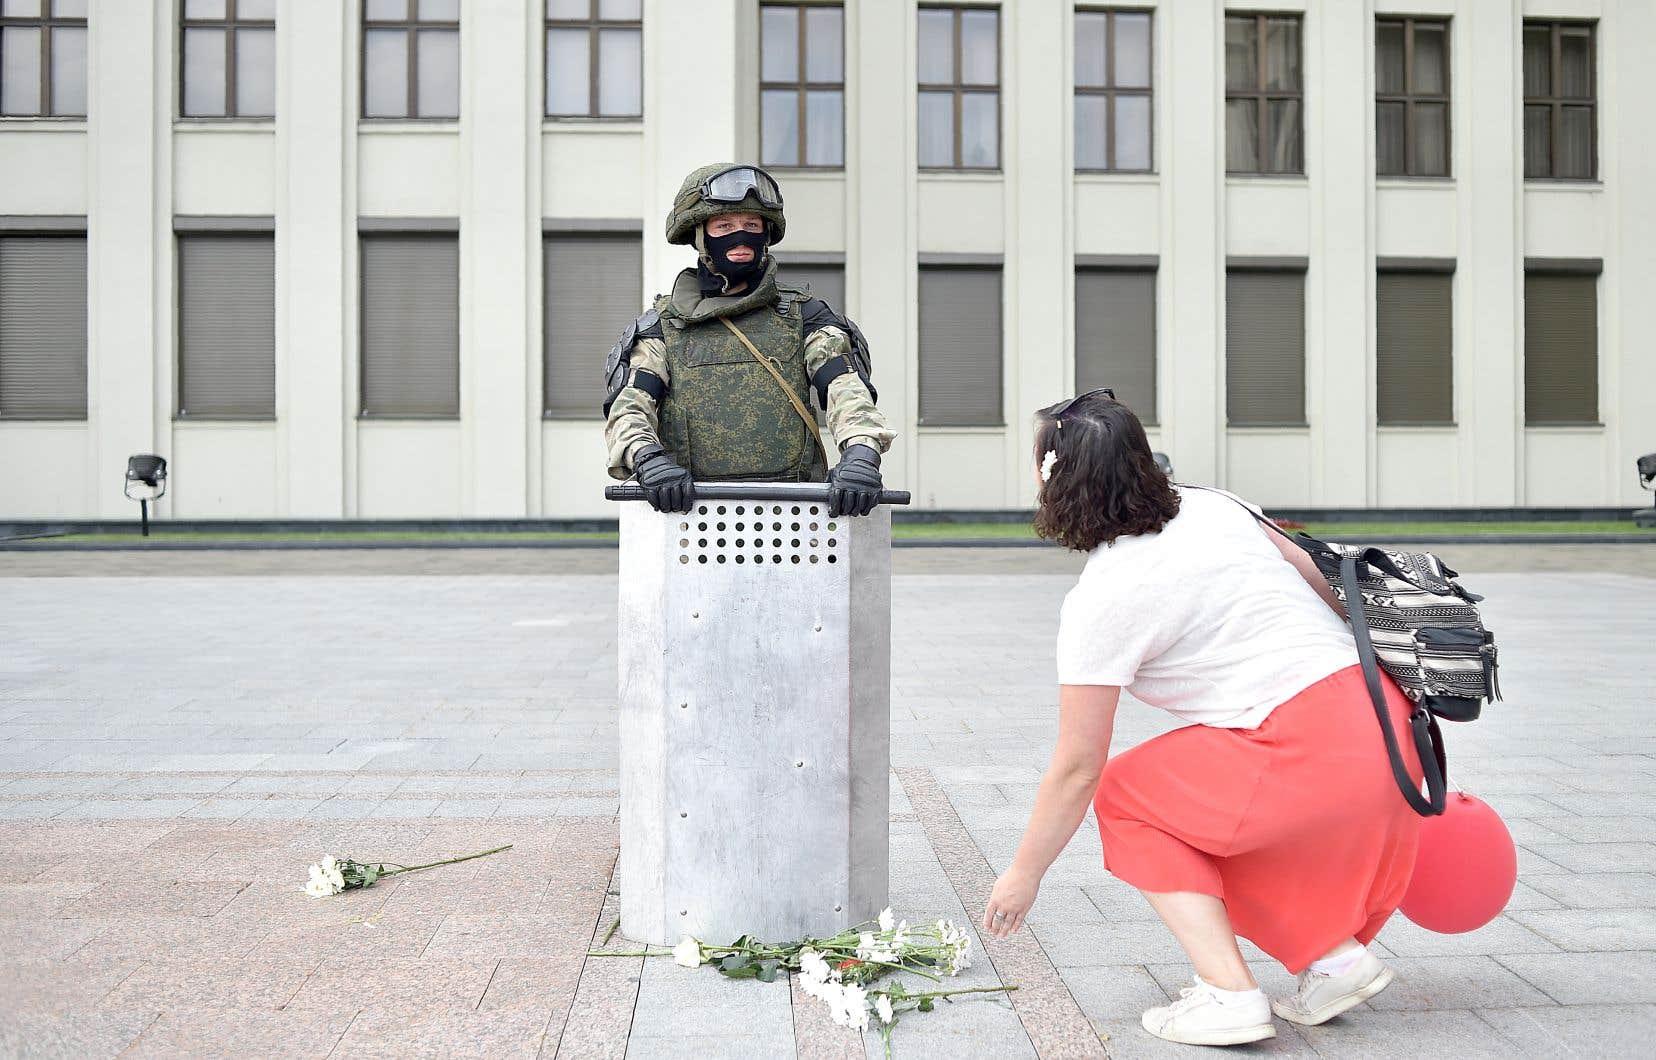 Vendredi, les chaînes humaines pacifiques se sont répandues comme la veille partout en Biélorussie pour dénoncer la brutalité de la police et les fraudes électorales. Plusieurs manifestants prenaient les policiers dans leurs bras ou leur offraient des fleurs.